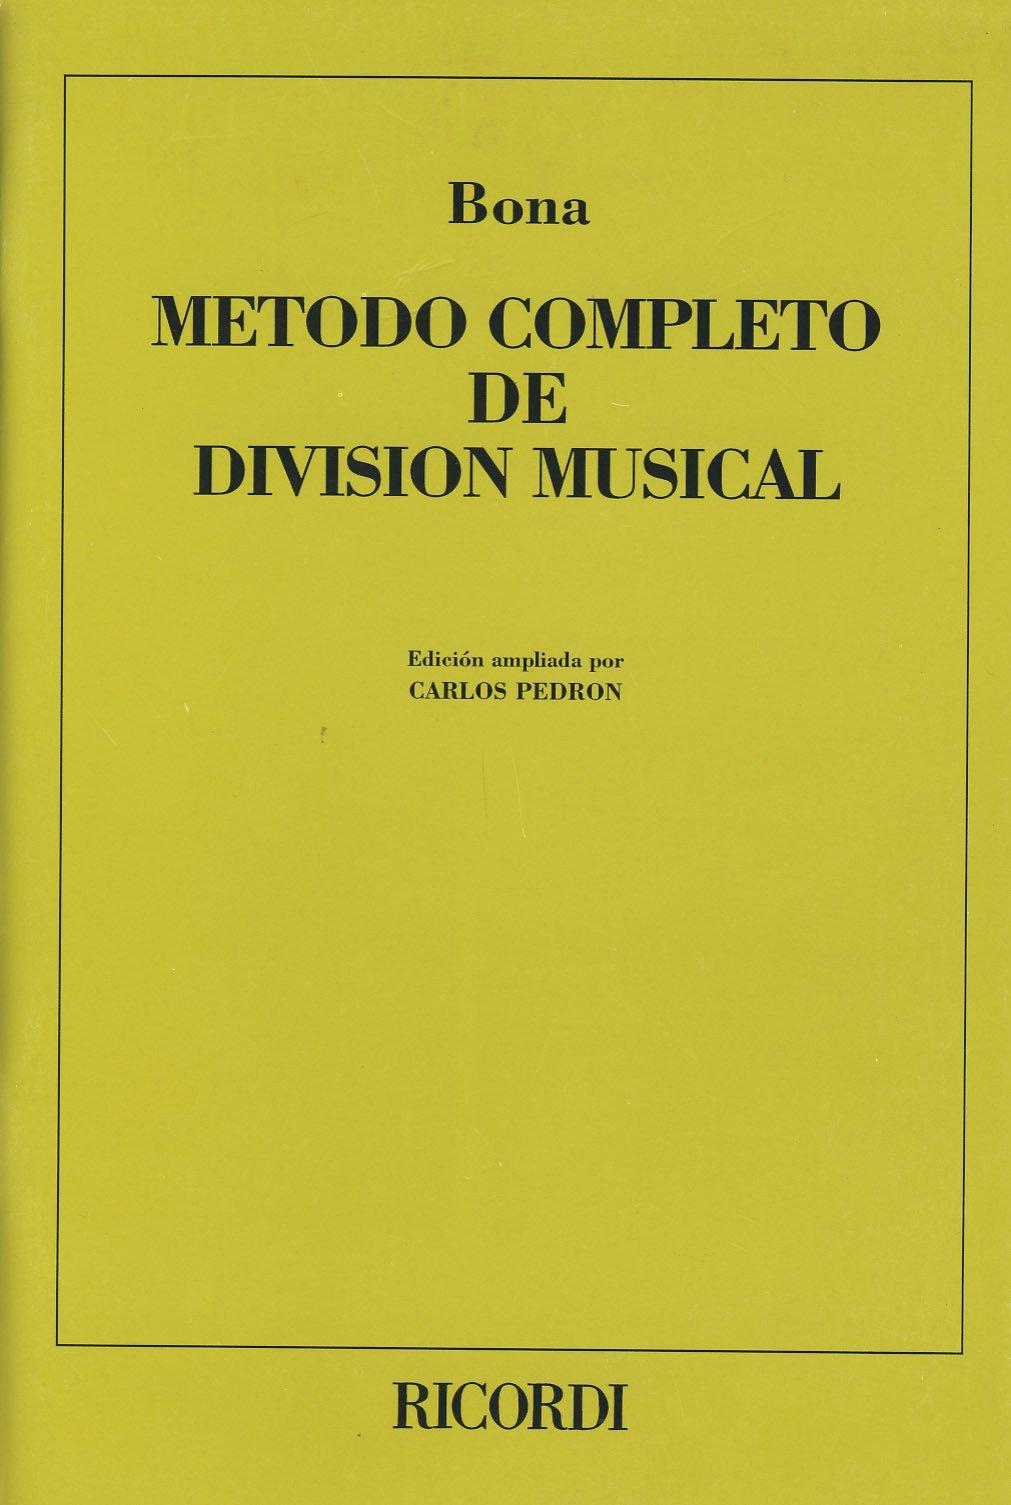 metodo musical bona para